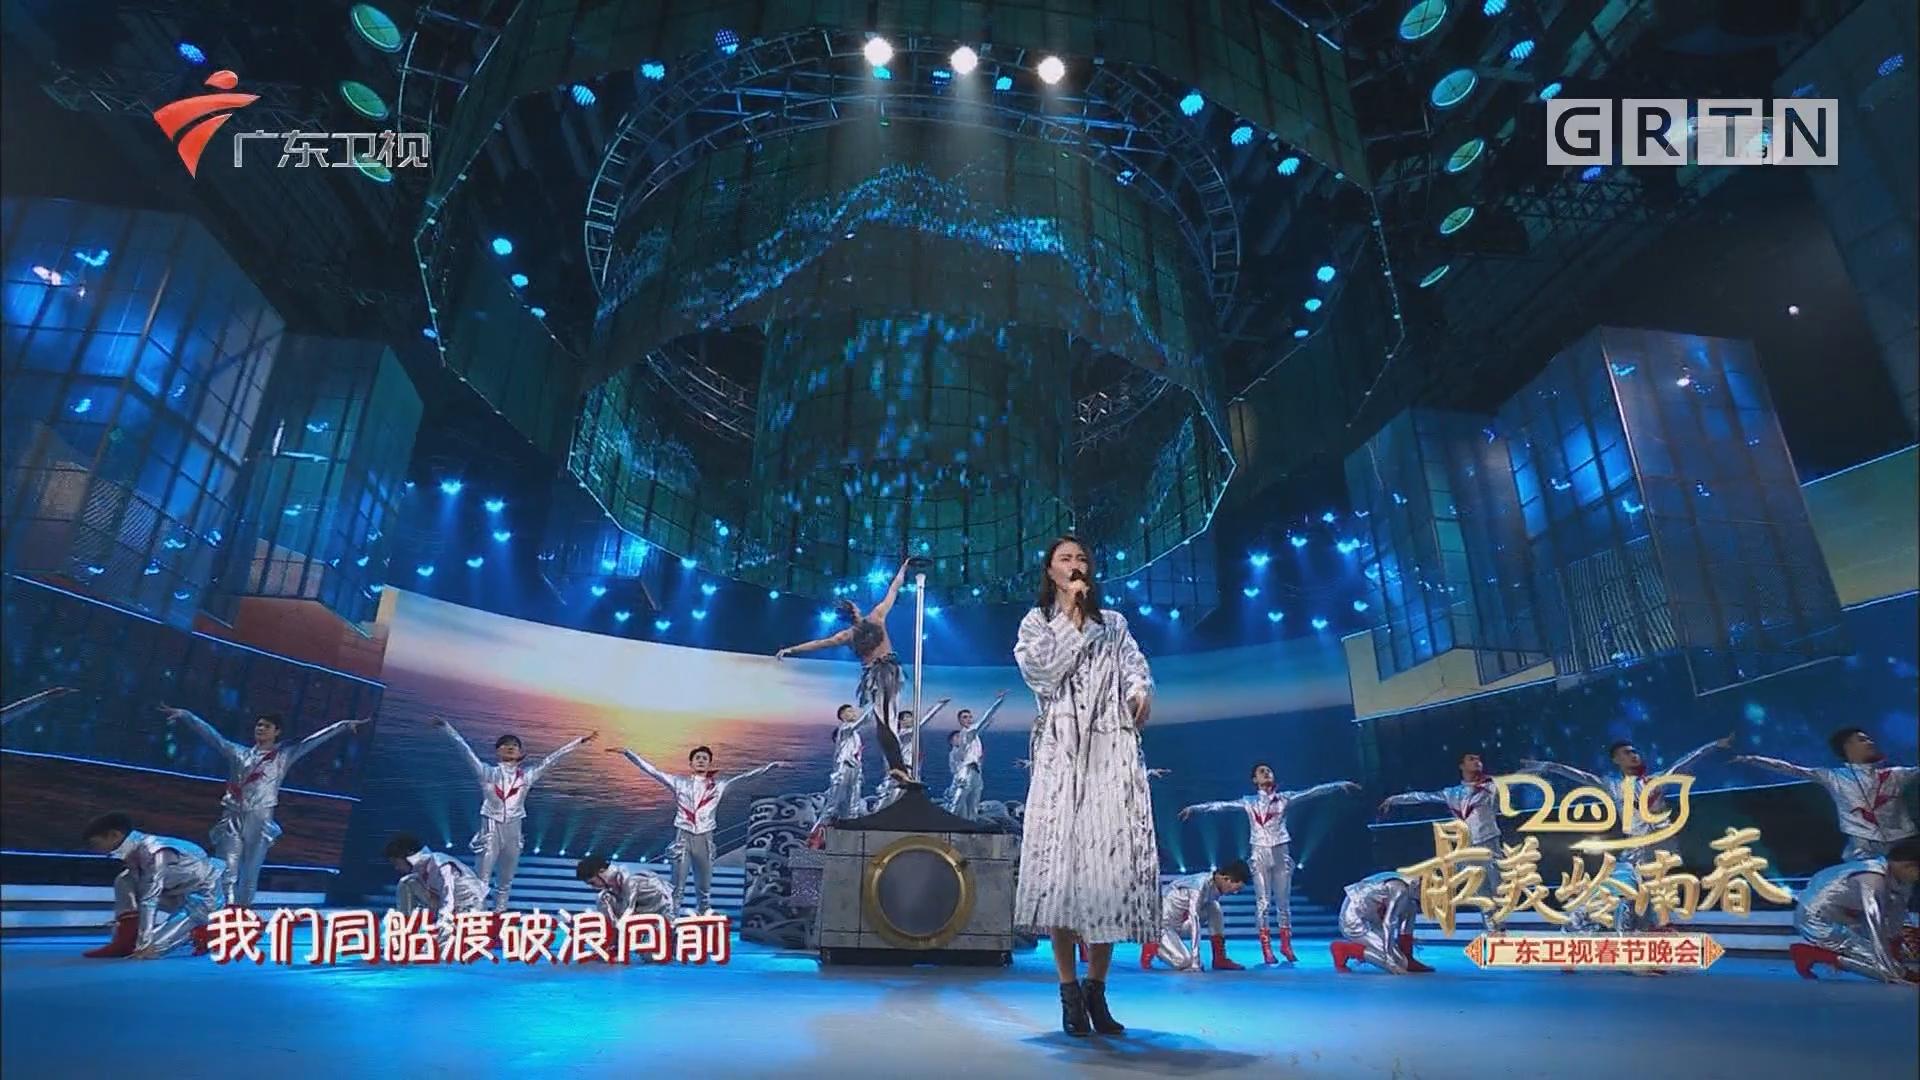 扬帆未来!谭维维献唱2019广东春晚,热情满满,带你一起扬帆起航